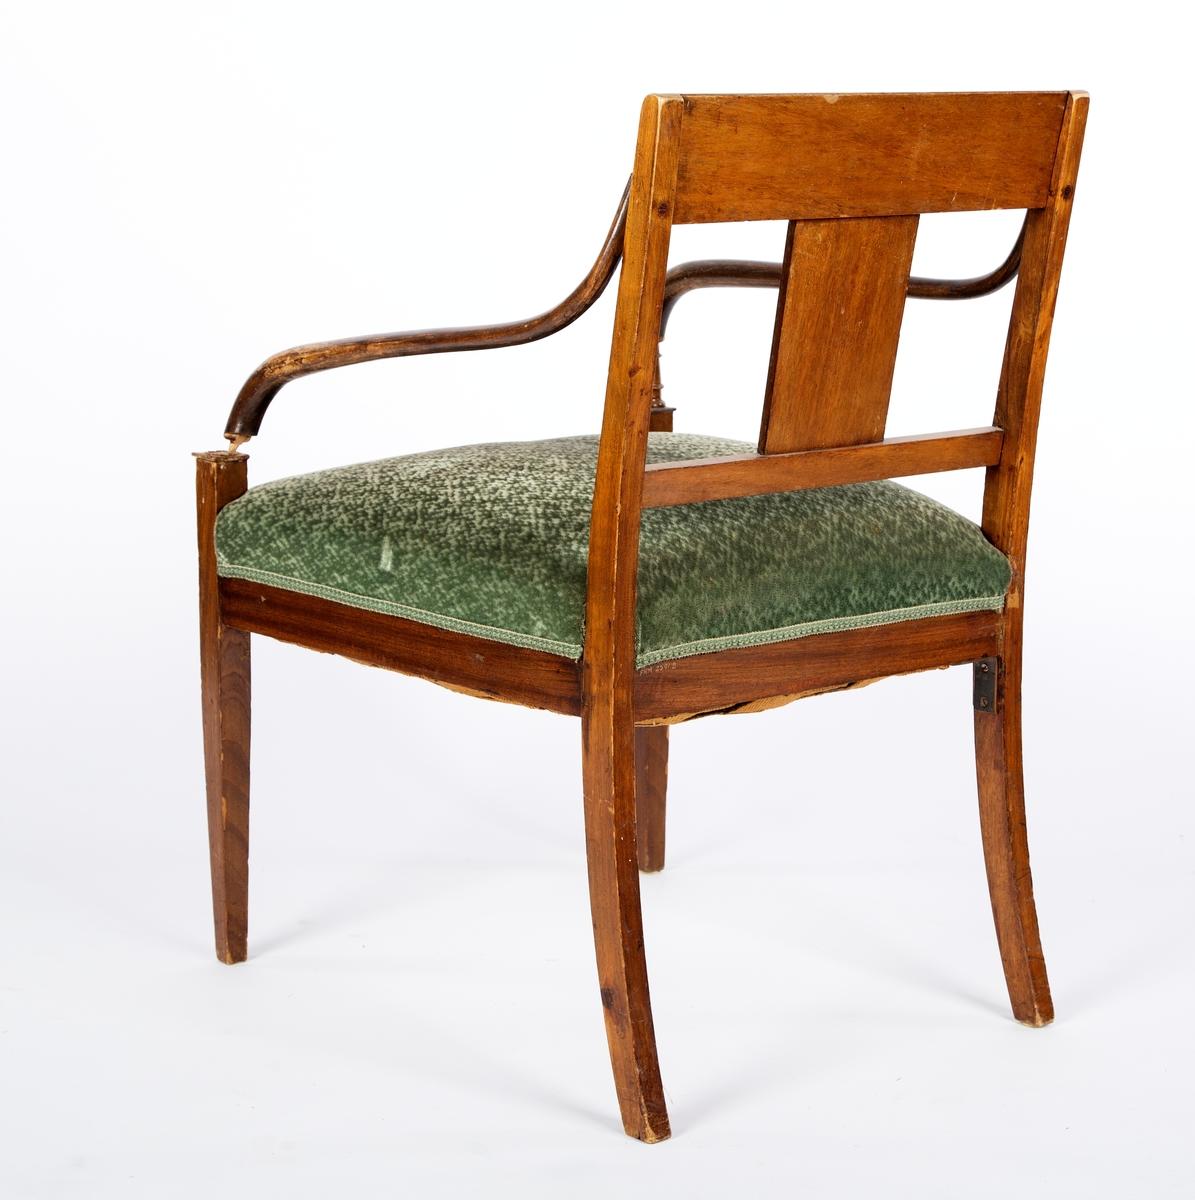 Sen-empire stol, opprinnelig med to armlener, men ett er slått av. Armlenene er mørkere enn resten av stolen. Dreid kloss som forbinder armlenet til stolbeinet mangler. Trukket og stoppet sete. Svakt buede bakbein. Intarsia i tverrstykke og ryggbrett, klassiske figurmotiv og fabeldyr. Antikk-inspirert. Samme motiv på alle stolene, men med små ulikheter. Også samme motiv på skapene til sofaen, men ser ikke ut til å være samme kunstner. Enkel intarsia i de to fremste stolbenene, rutemønster, og en stripe i listen under stolsetet. Del av møblement.